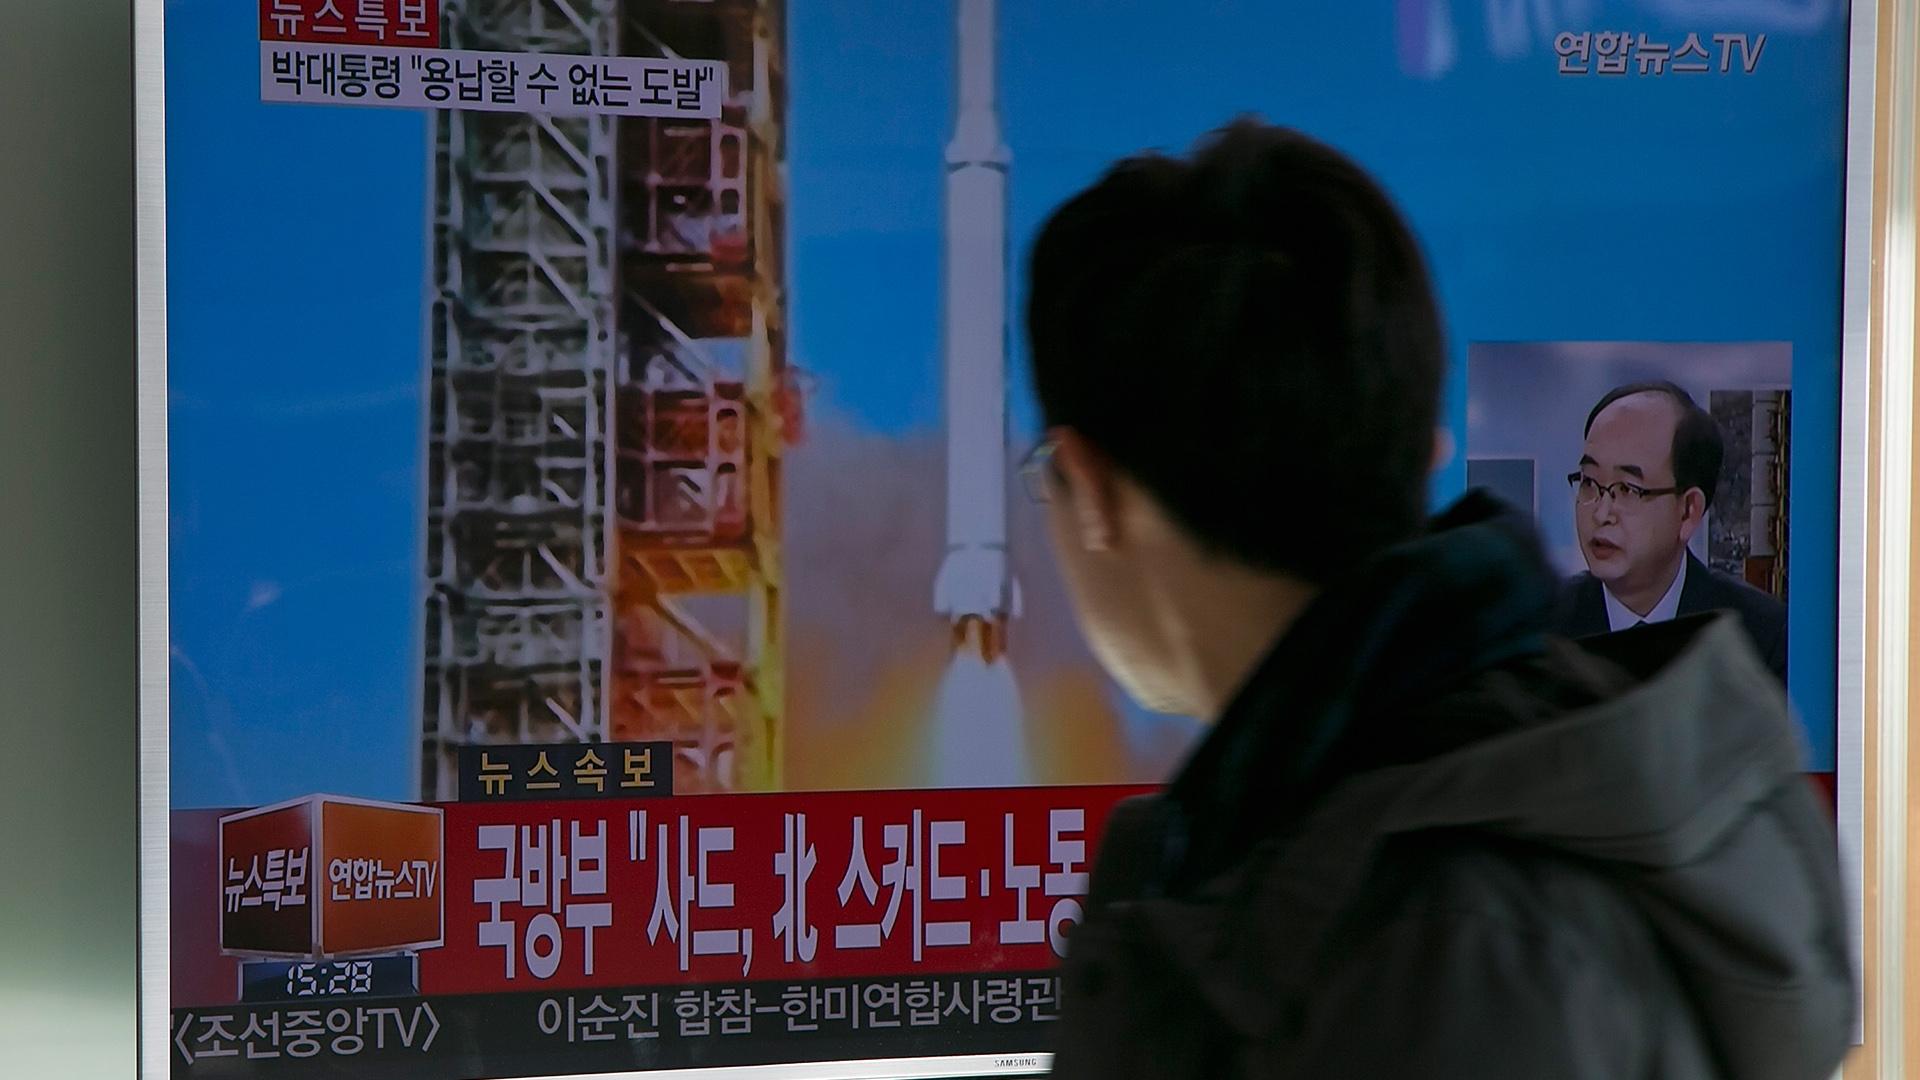 Televisão sul coreana reage a lançamento de foguete da Coreia do Norte, em fevereiro